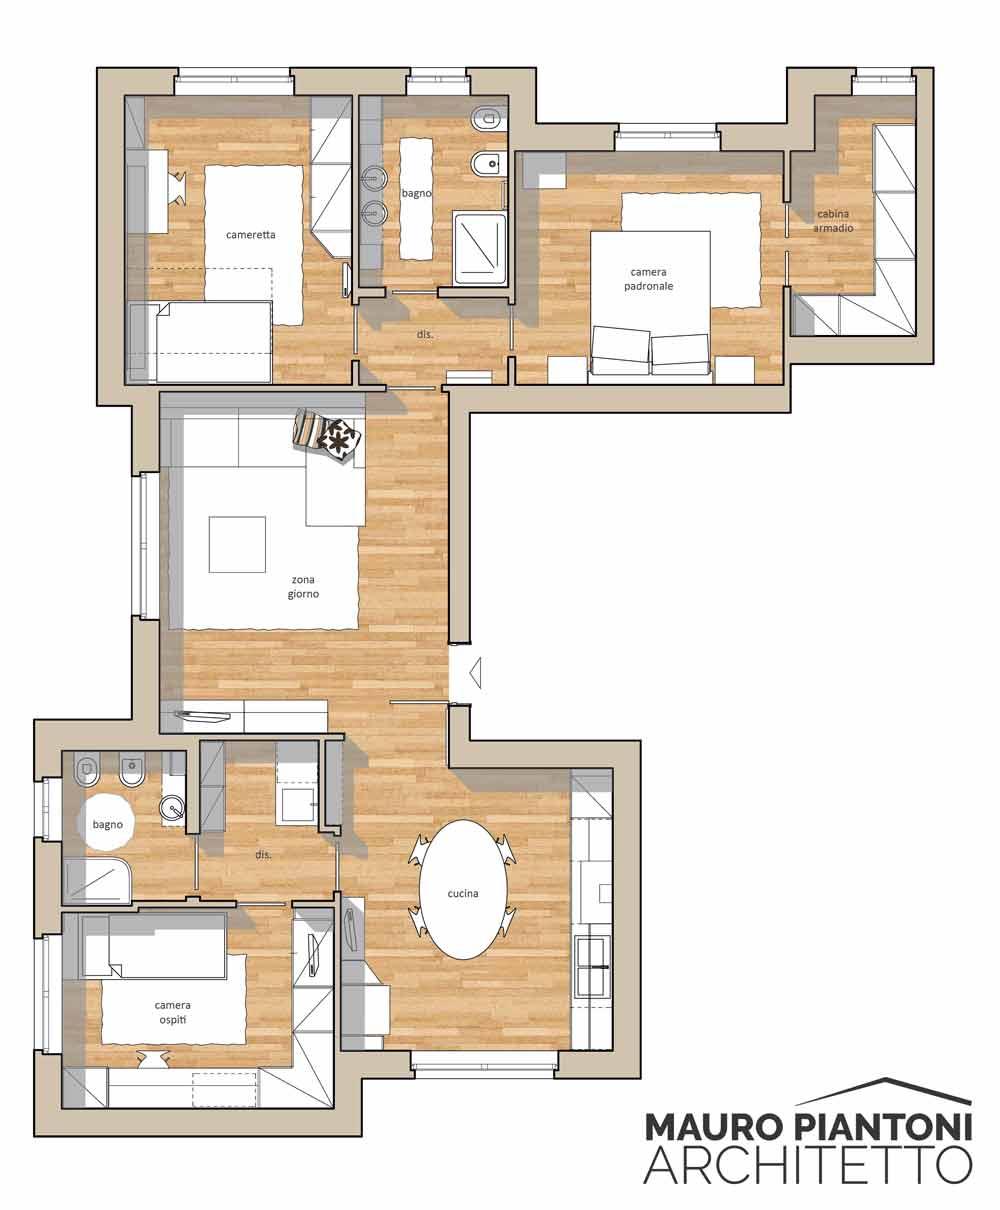 Ristrutturazione di interni casa frr a milano cornaredo - Architetti d interni milano ...